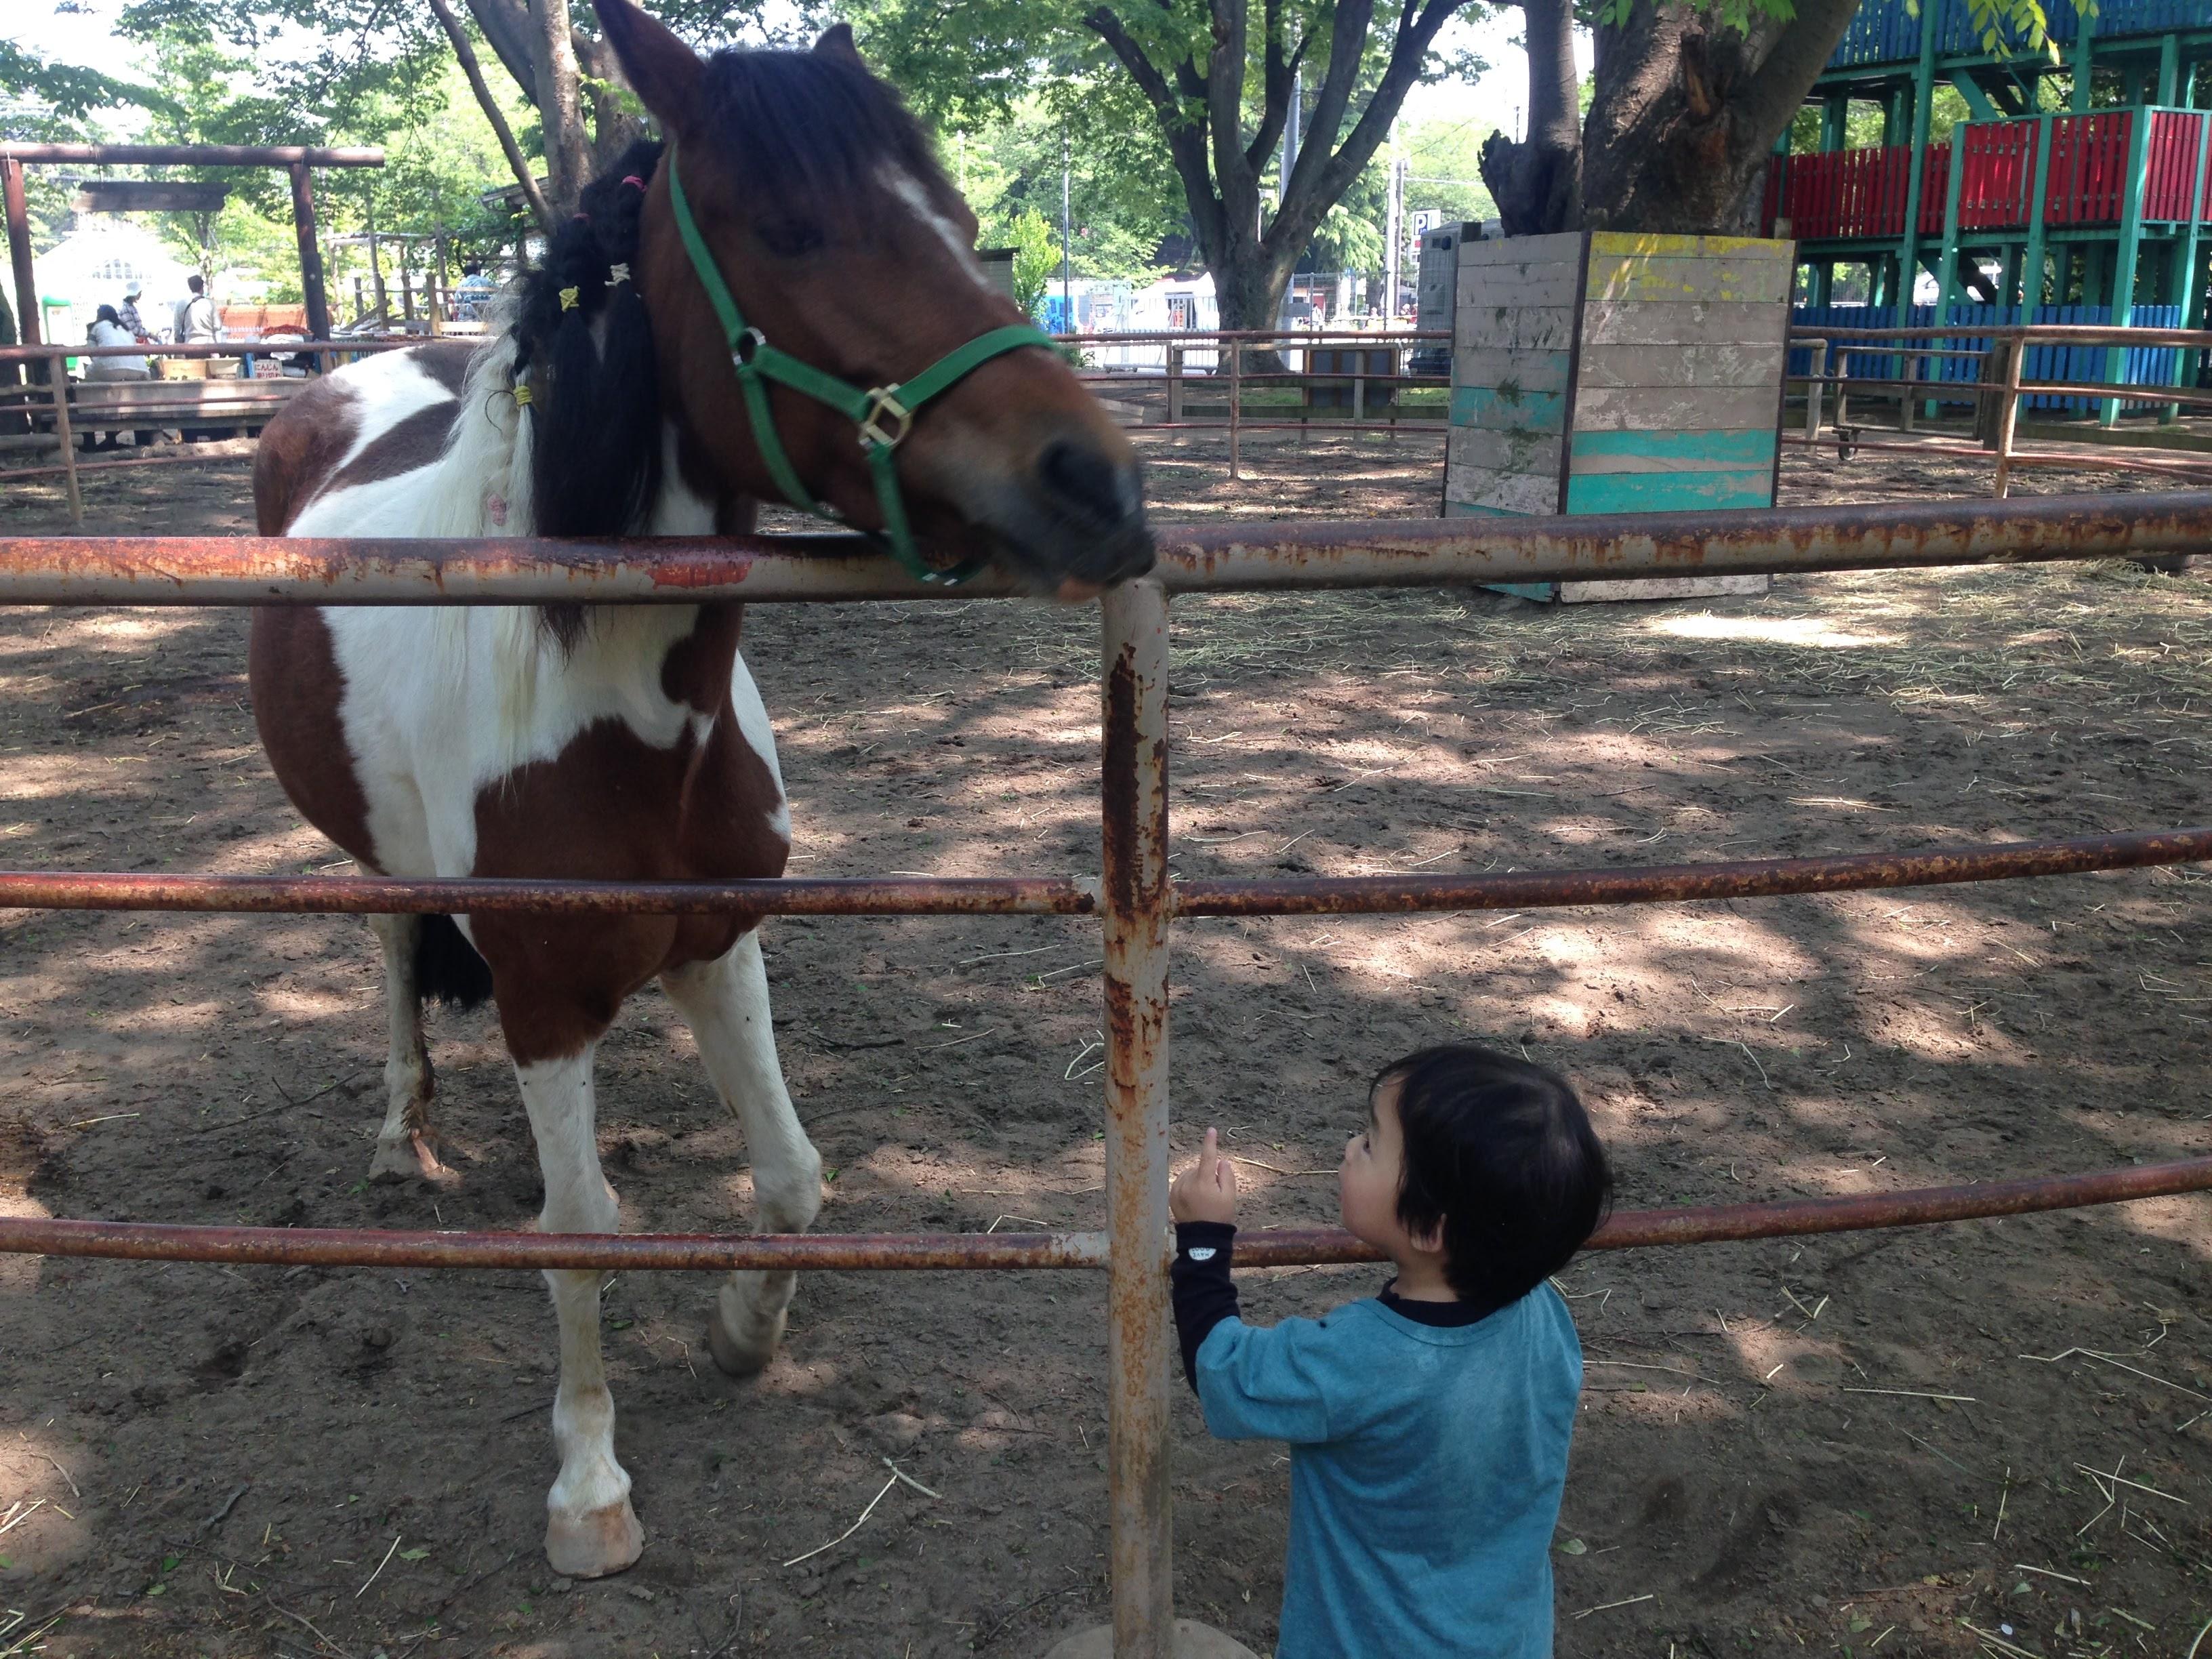 小さな子連れで清水公園に行くならポニー牧場がオススメ!